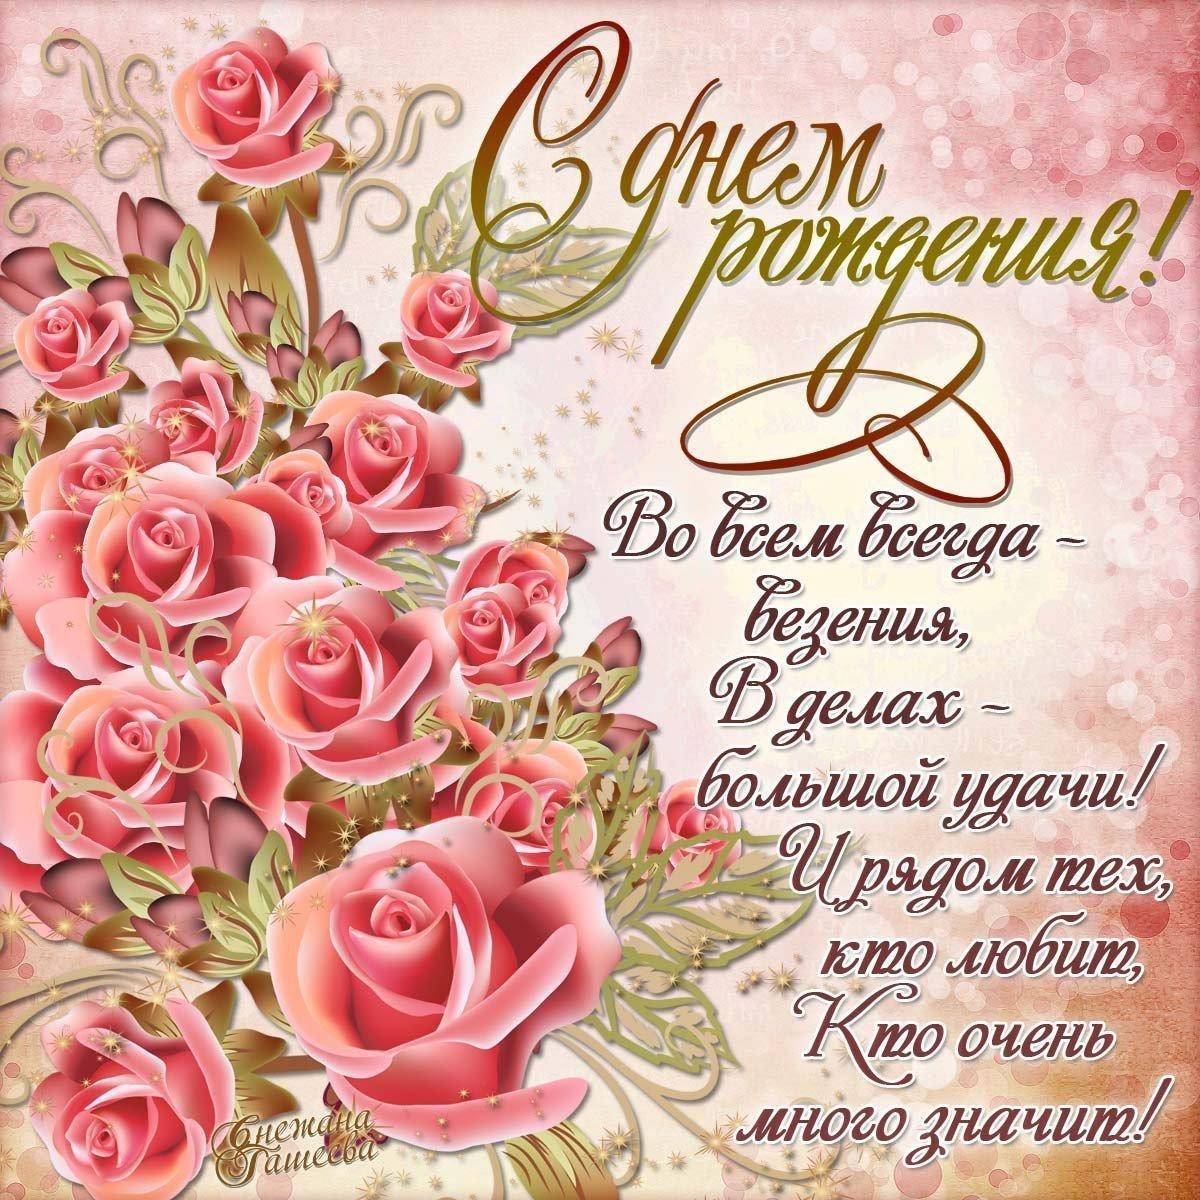 Поздравление с днем рождением девушке в картинках, открытки открытки